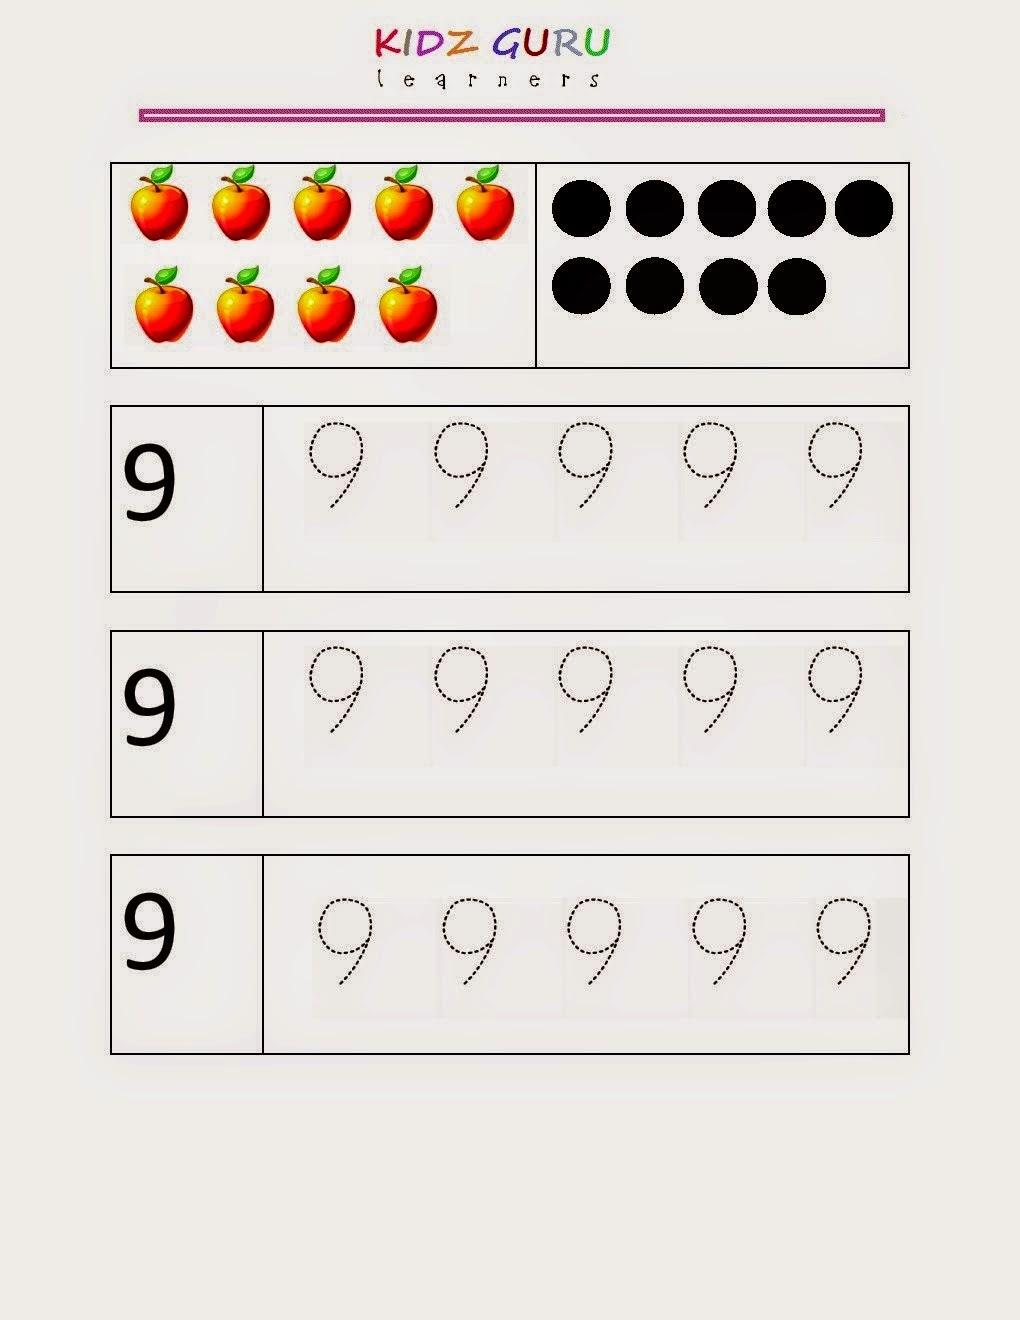 kindergarten worksheets printable worksheet maths. Black Bedroom Furniture Sets. Home Design Ideas